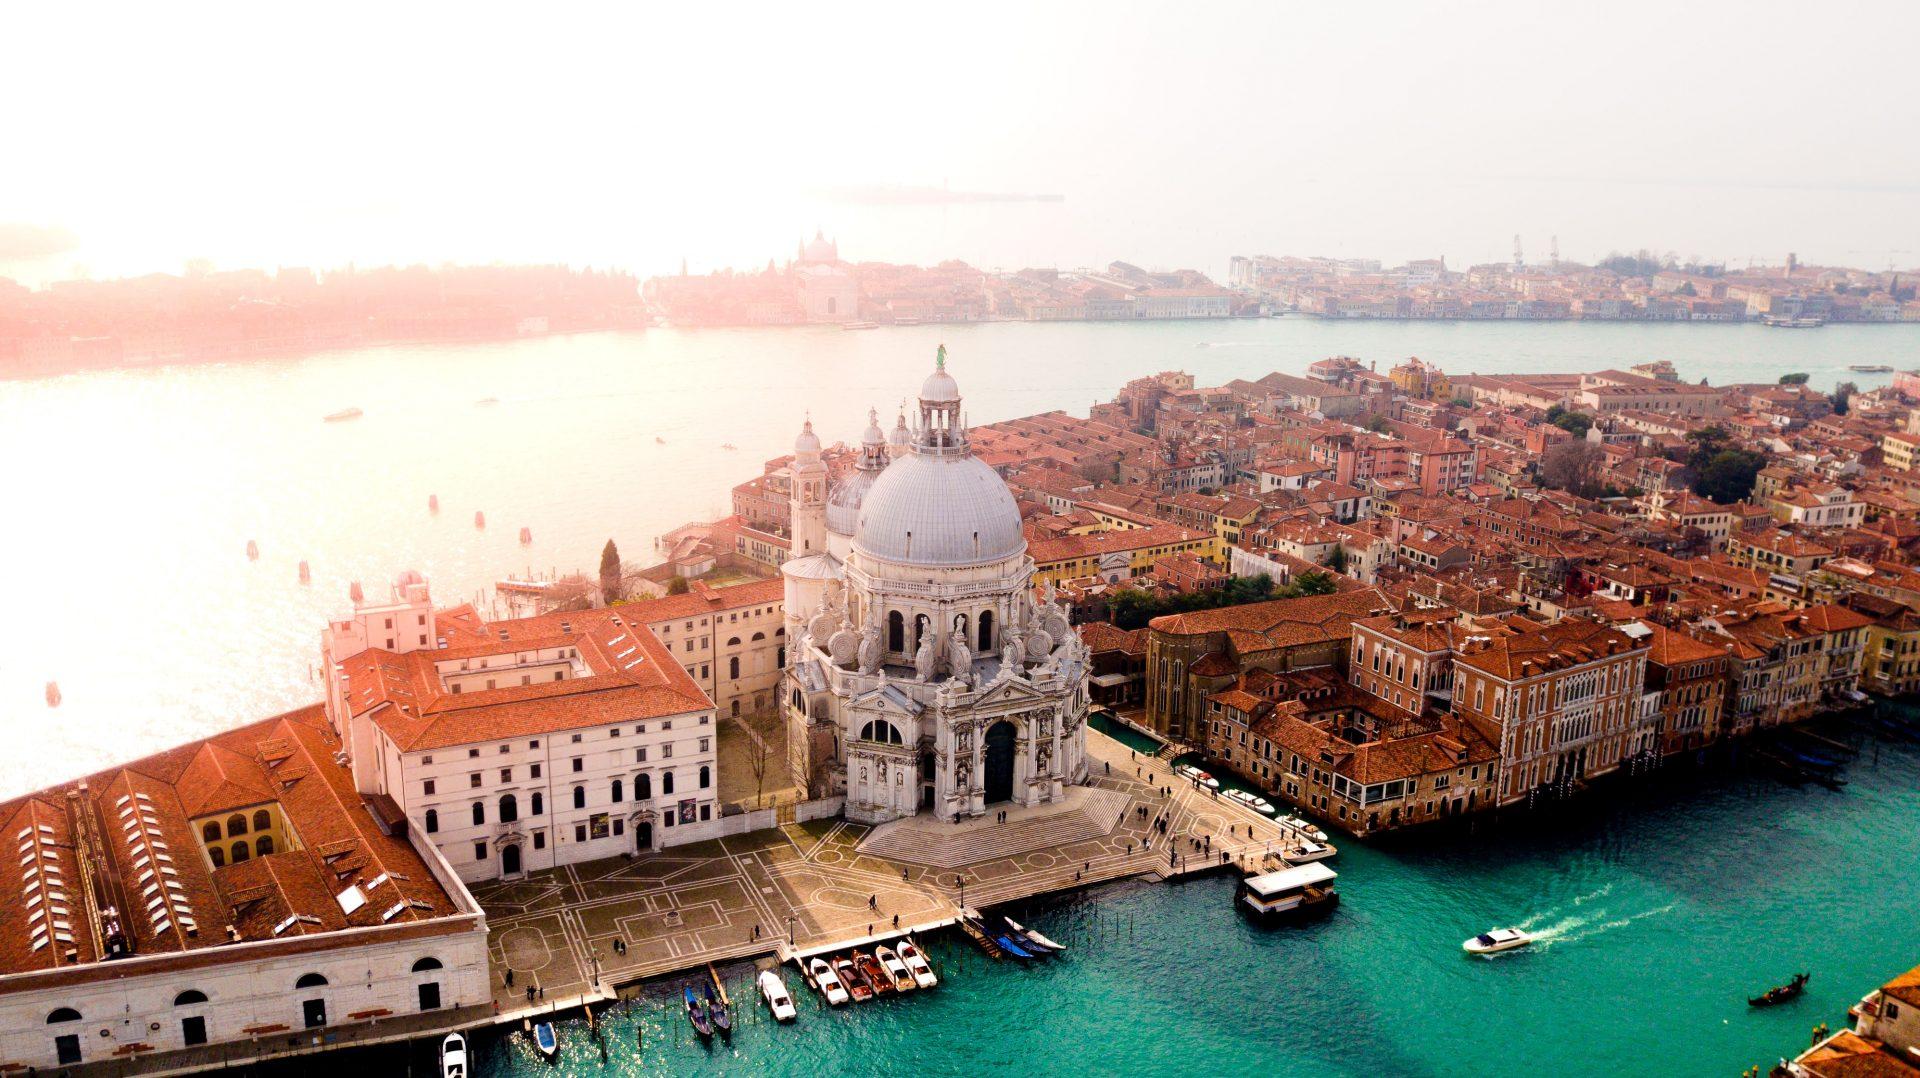 patrimonio culturale vacanza Venezia post covid